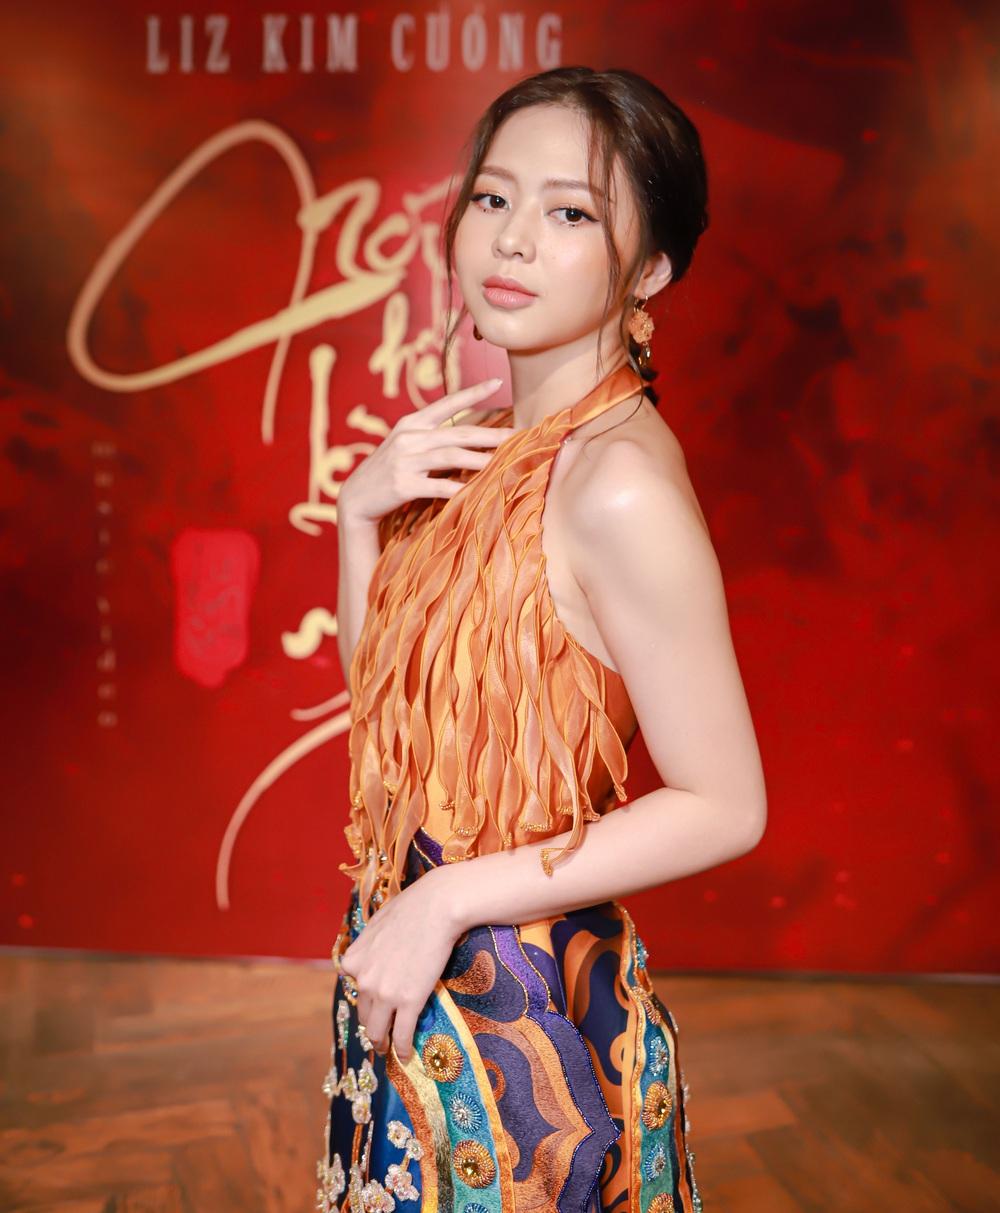 Trịnh Thăng Bình, Liz Kim Cương vui vẻ sánh đôi sau khi chia tay - Ảnh 6.